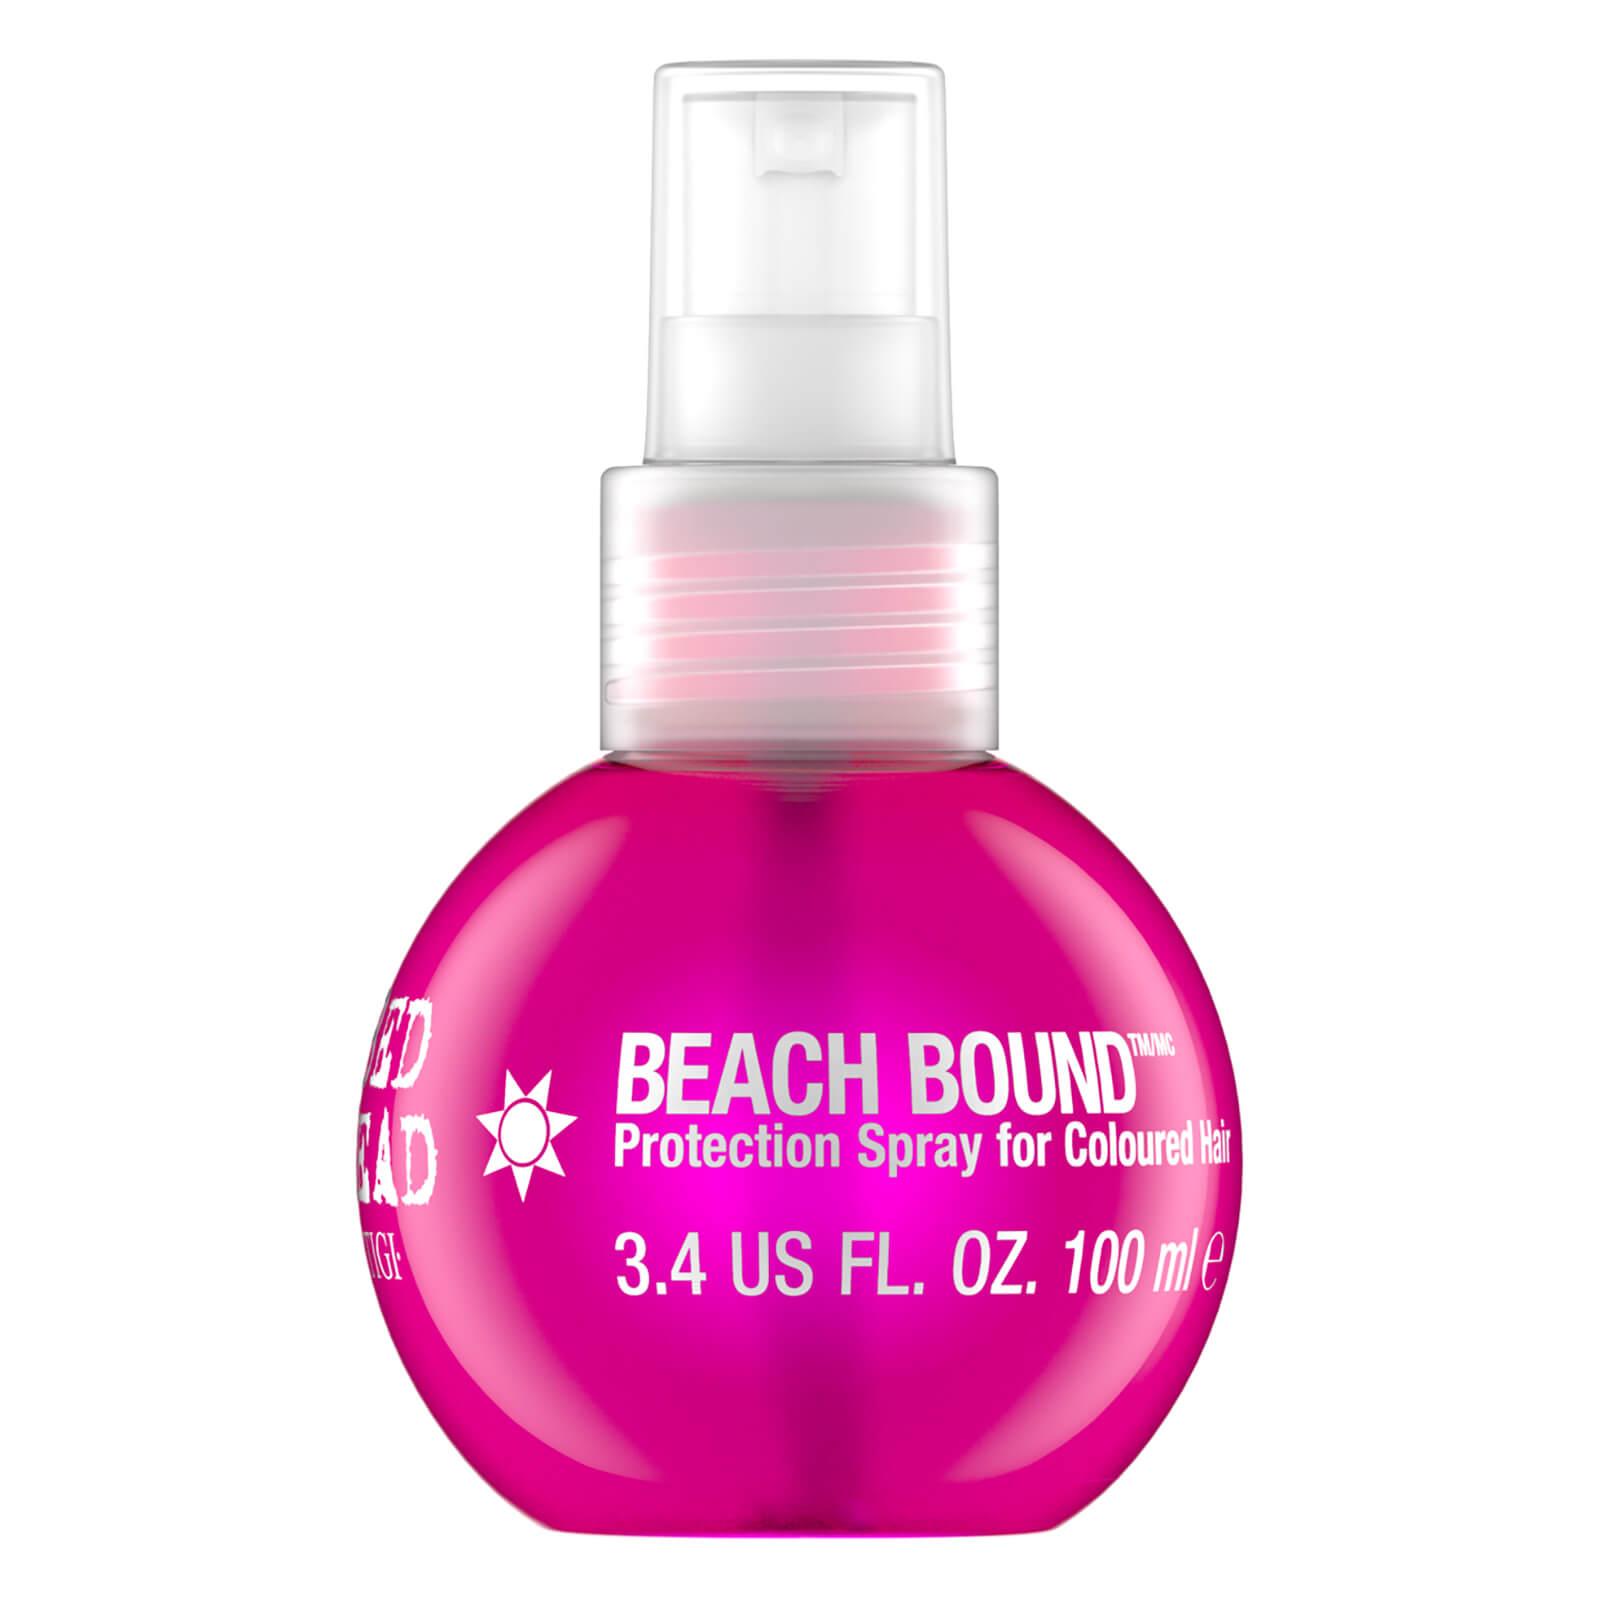 Tigi Bed Head Beach Bound Protection Spray for Coloured Hair (100ml)